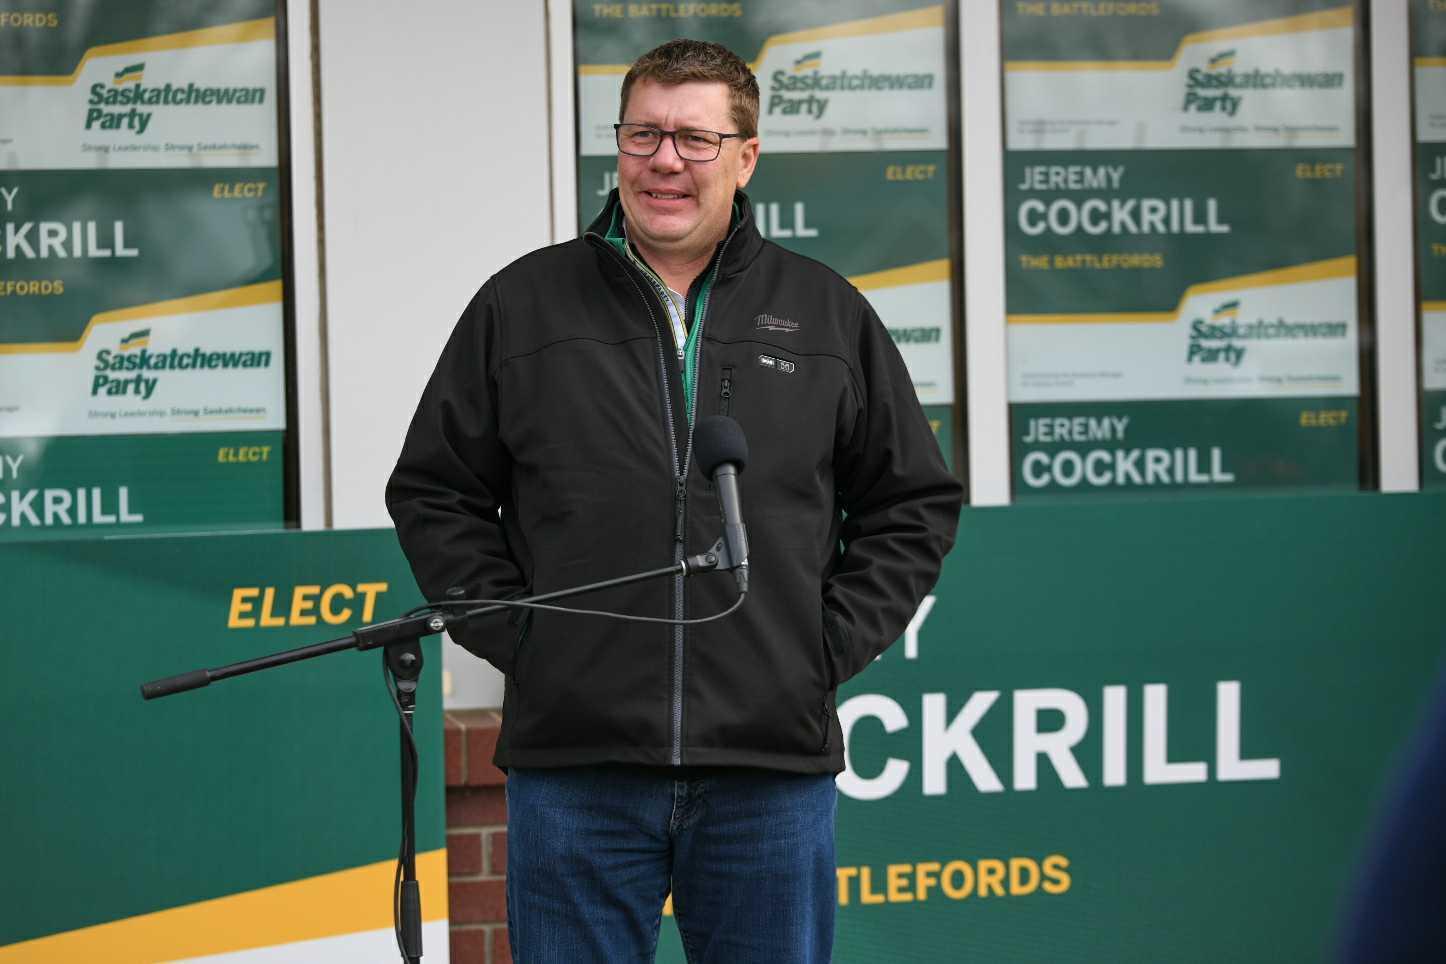 Premier Scott Moe Wraps Up Saskatchewan Party Campaign for a Strong Saskatchewan